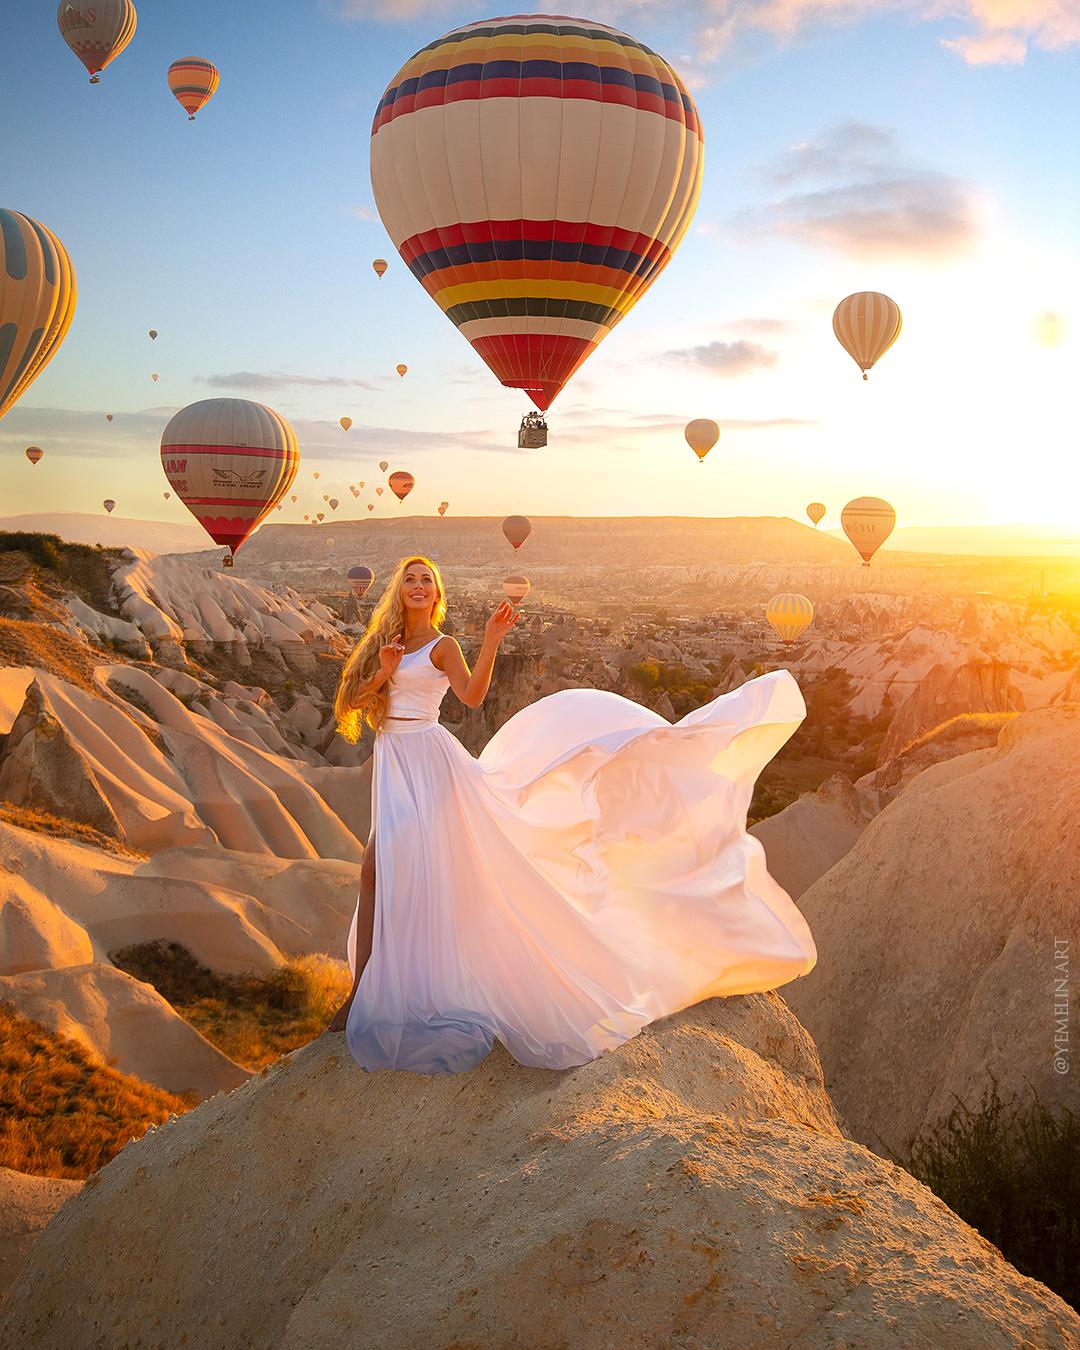 картинки воздушные мечты для радости хохлов